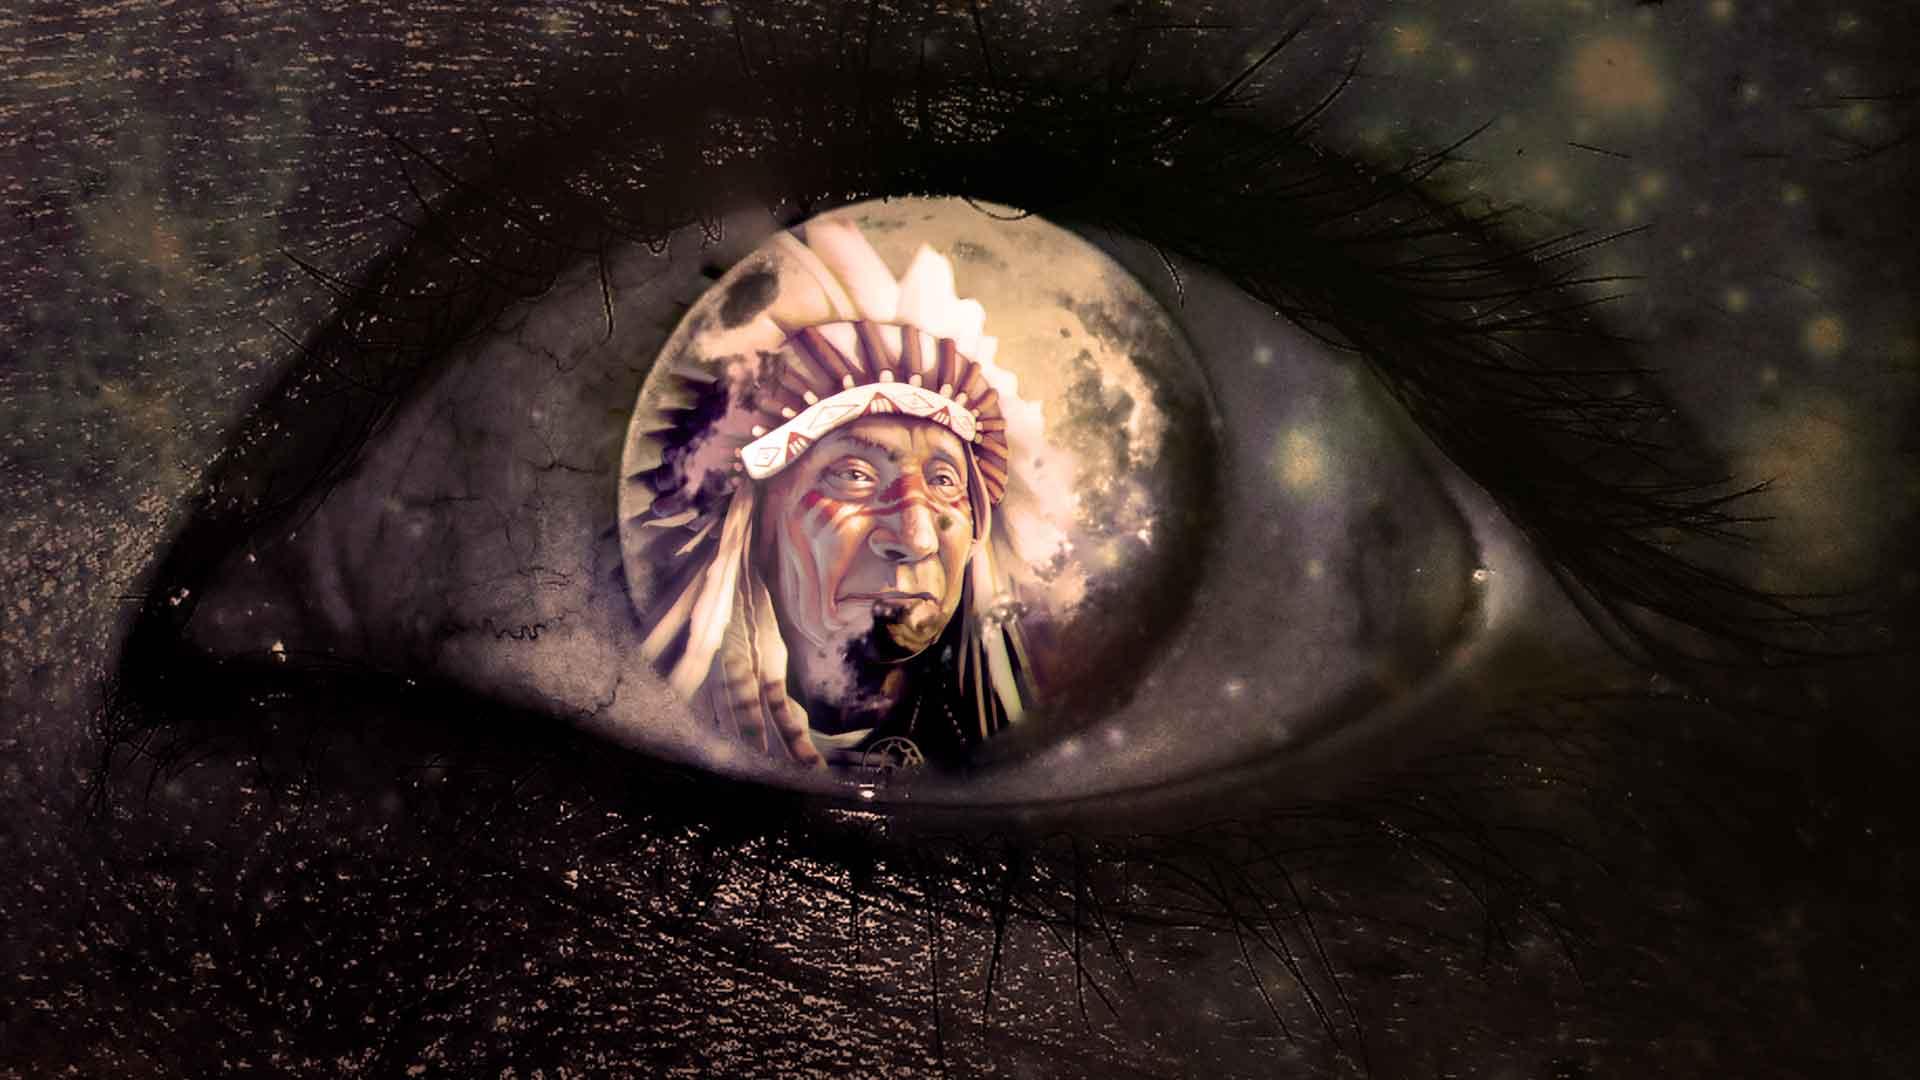 La extraña historia del pueblo de los Ojos de Luna ¿Existieron realmente?